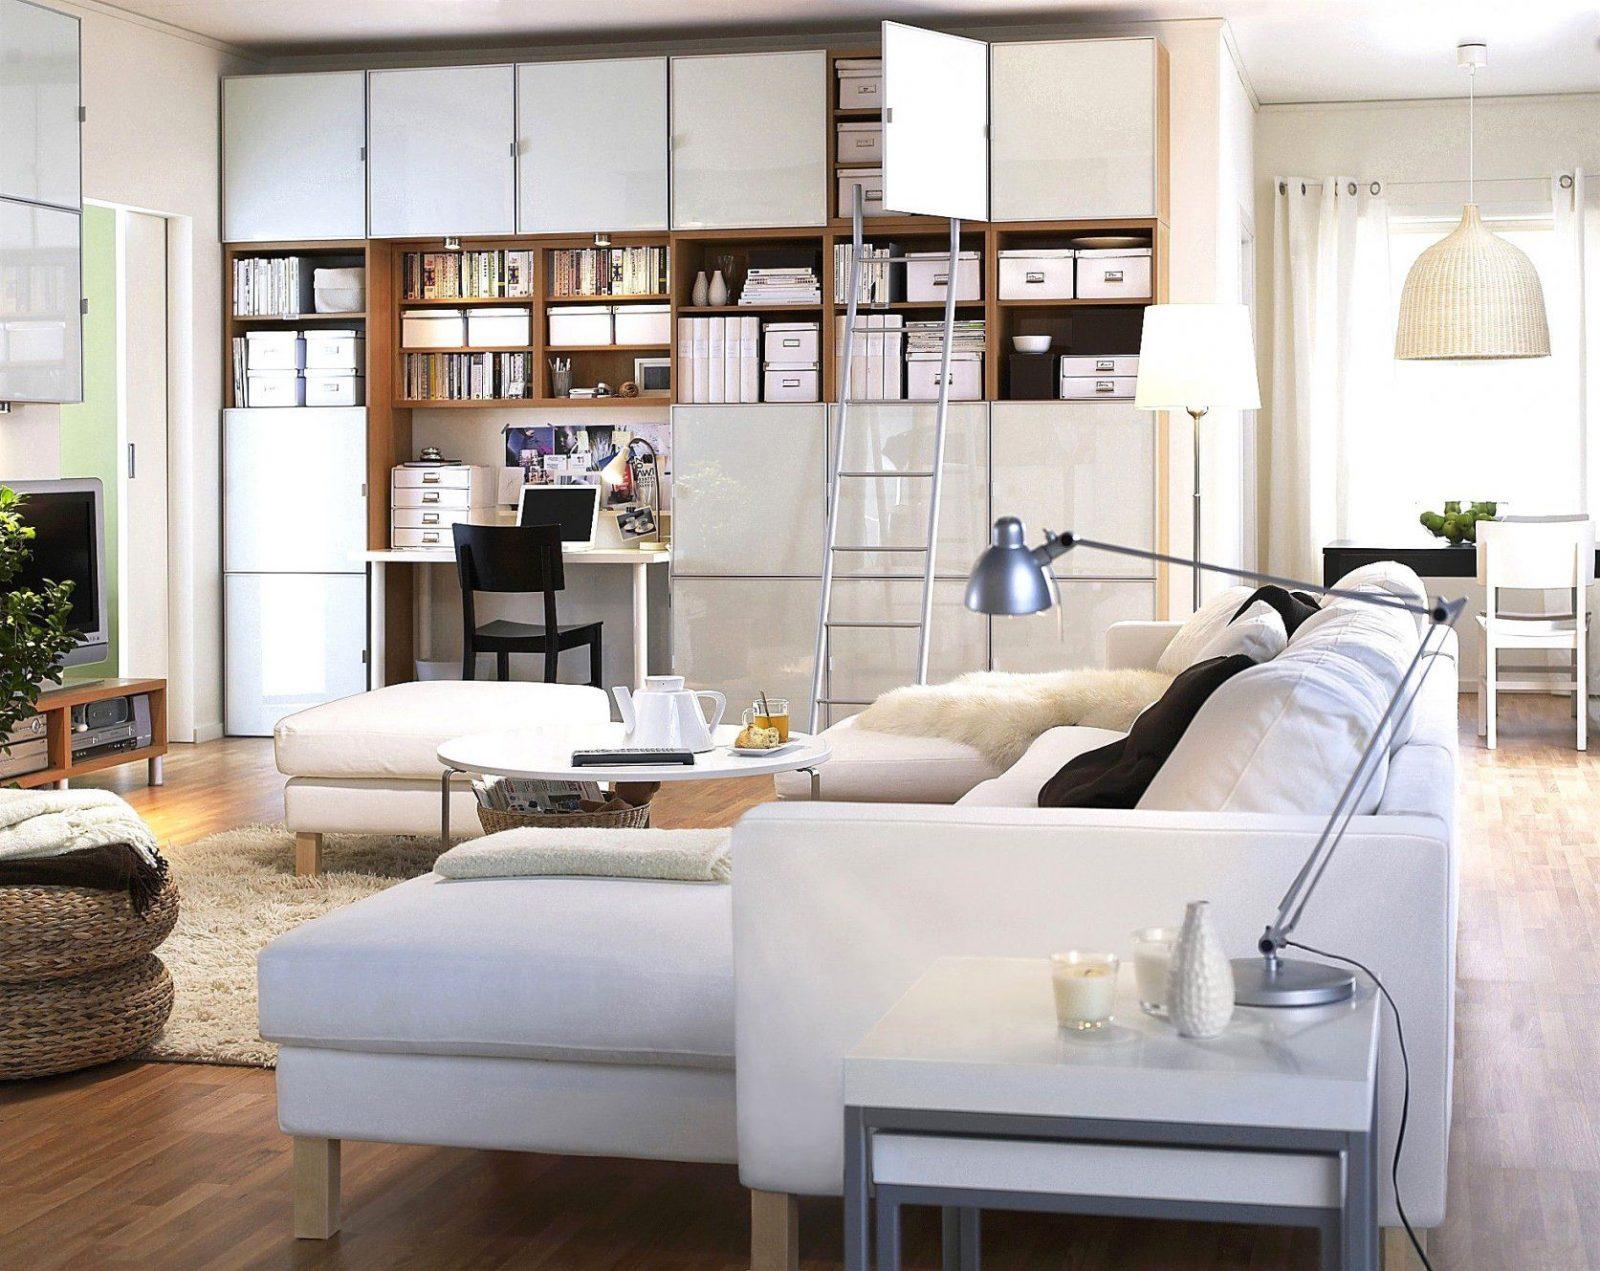 Elegant 30 Qm Wohnung Einrichten Ikea Design von 30 Qm Wohnung Einrichten Bild